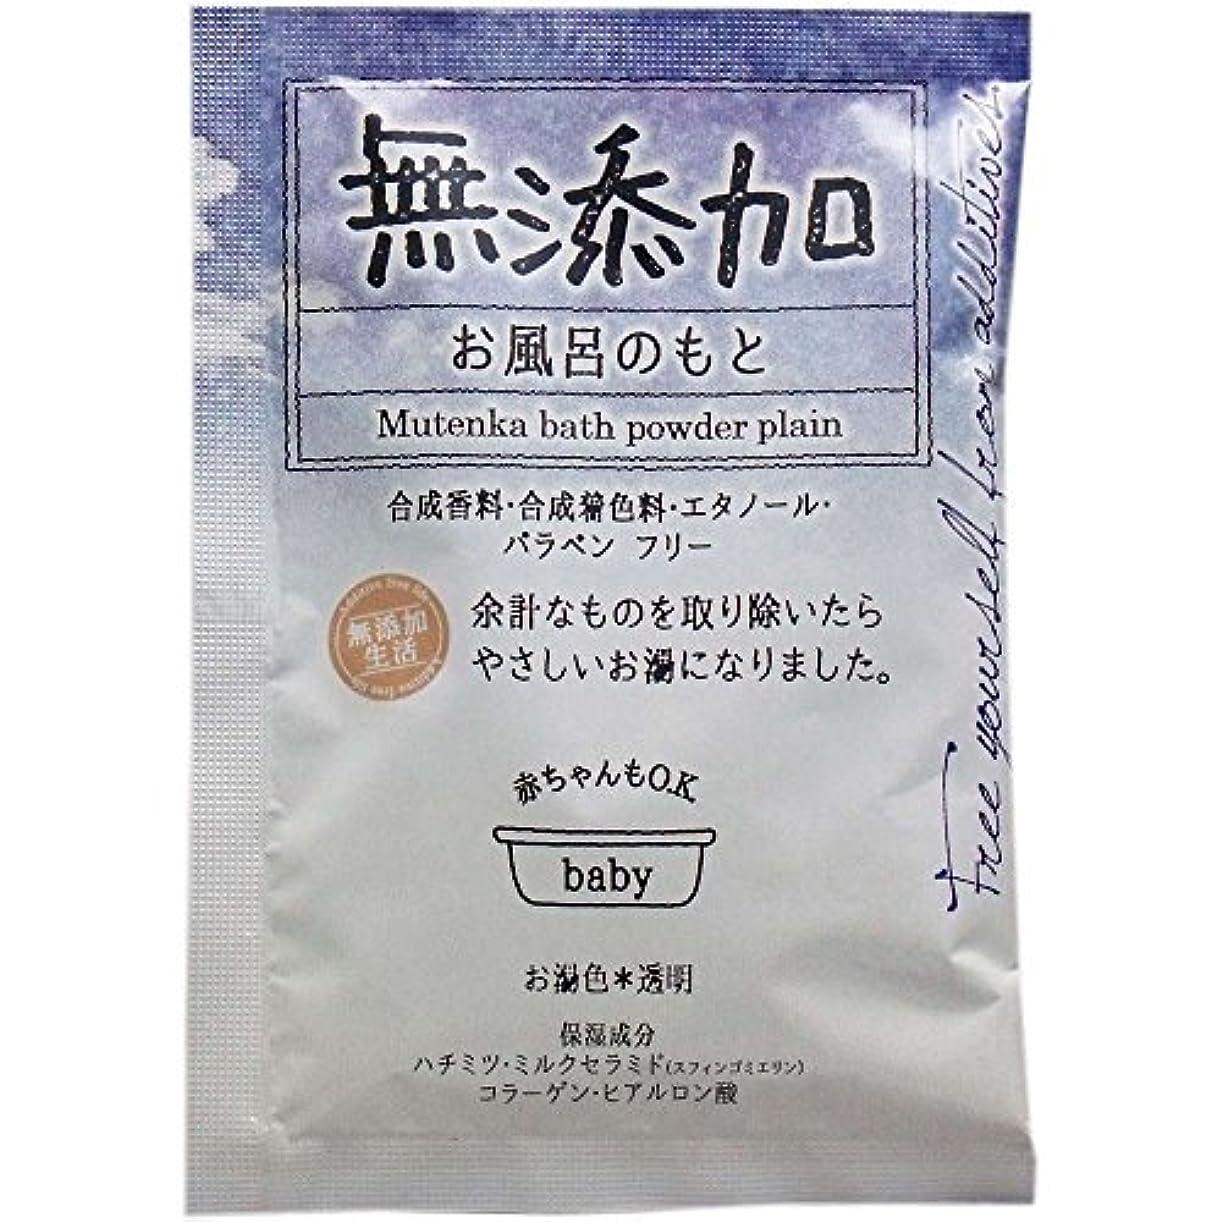 エクステント無効森林【入浴剤】 無添加 お風呂のもと バスパウダー プレーン 30g